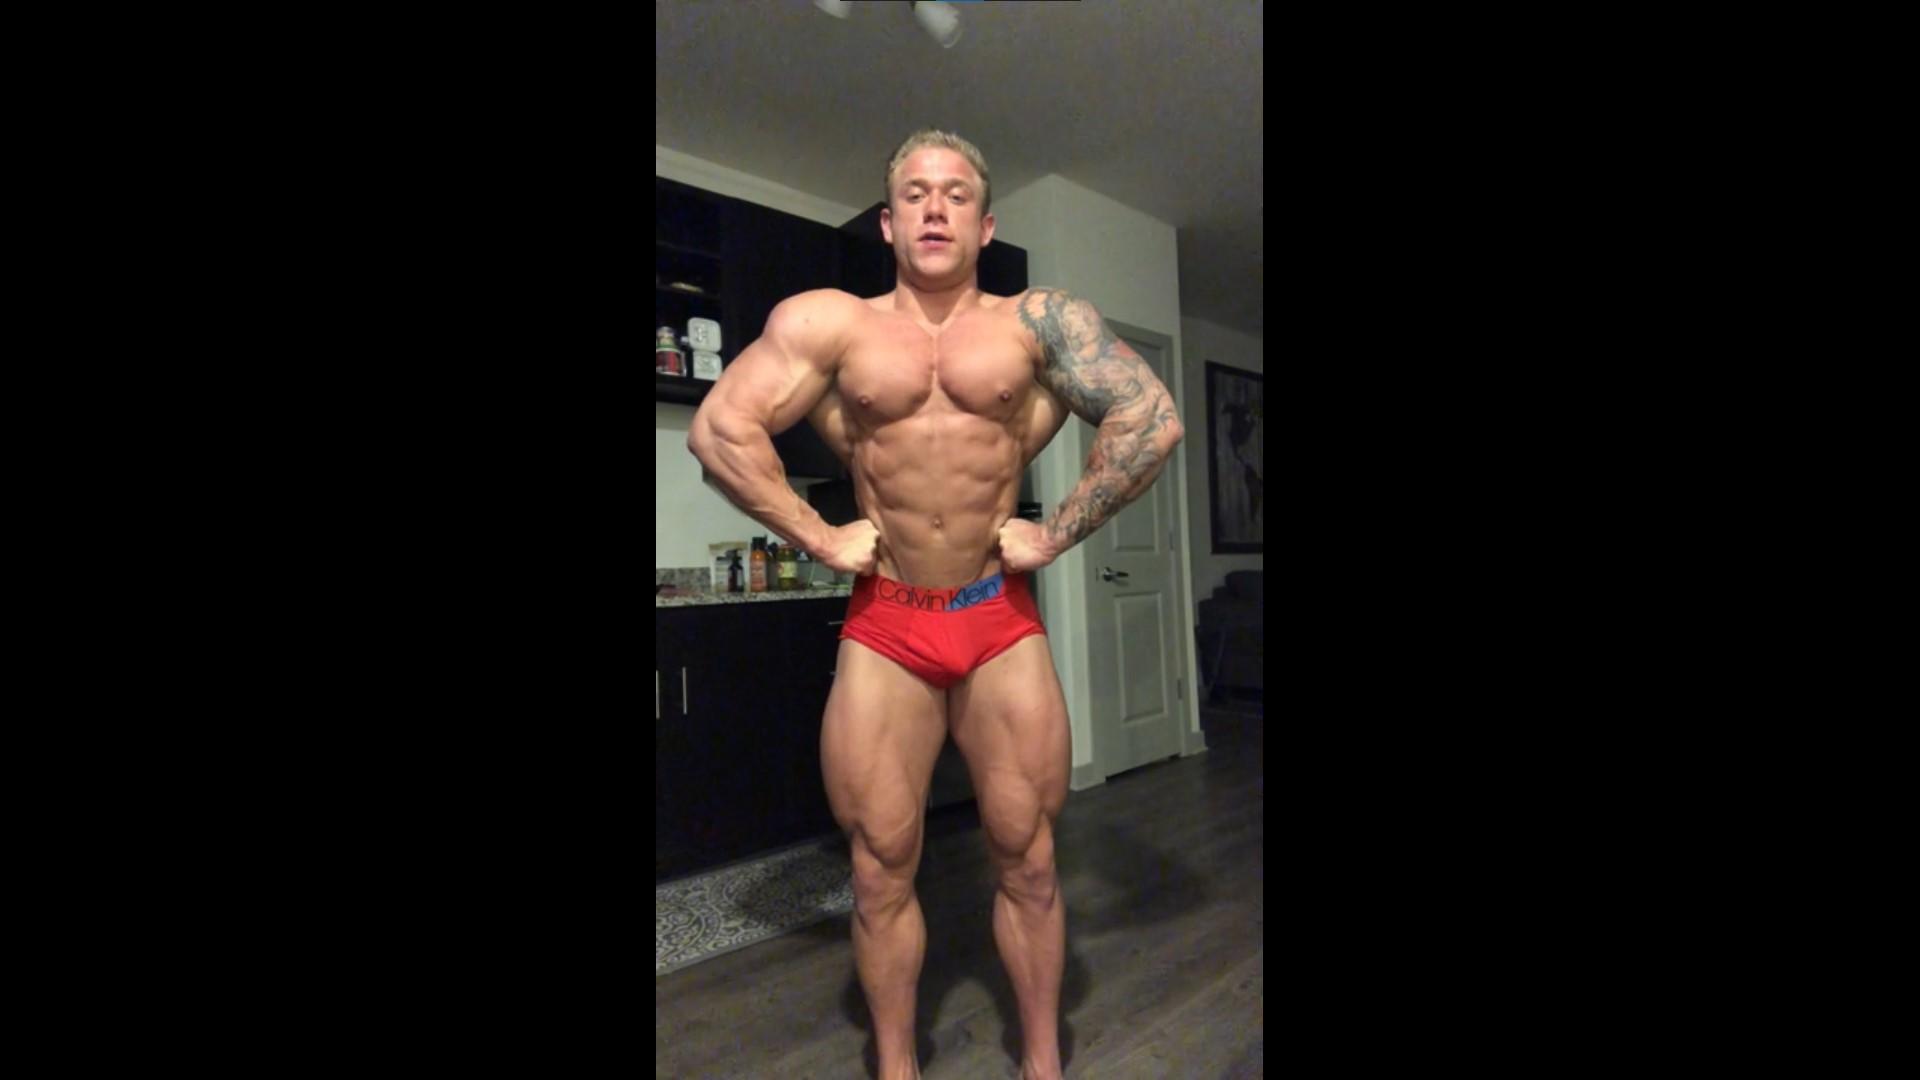 Flexing hard in my underwear - Jake Daniel